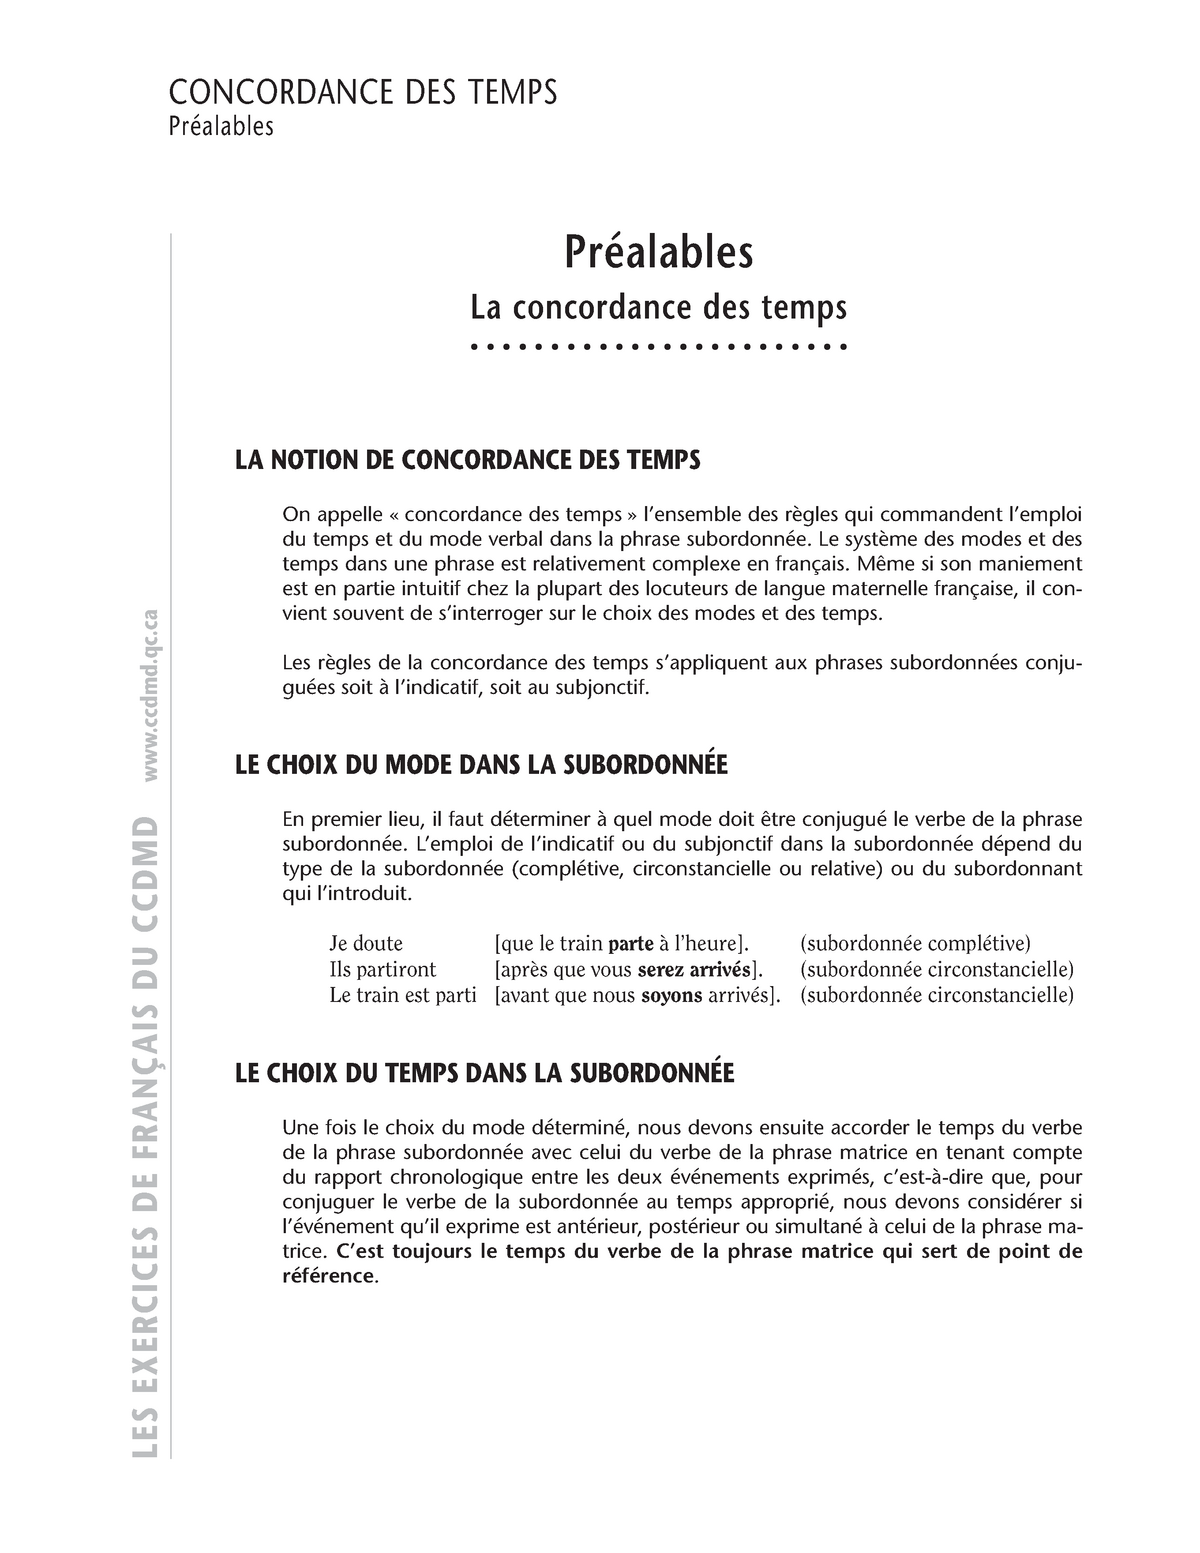 La Concordance Des Temps Frances Studocu